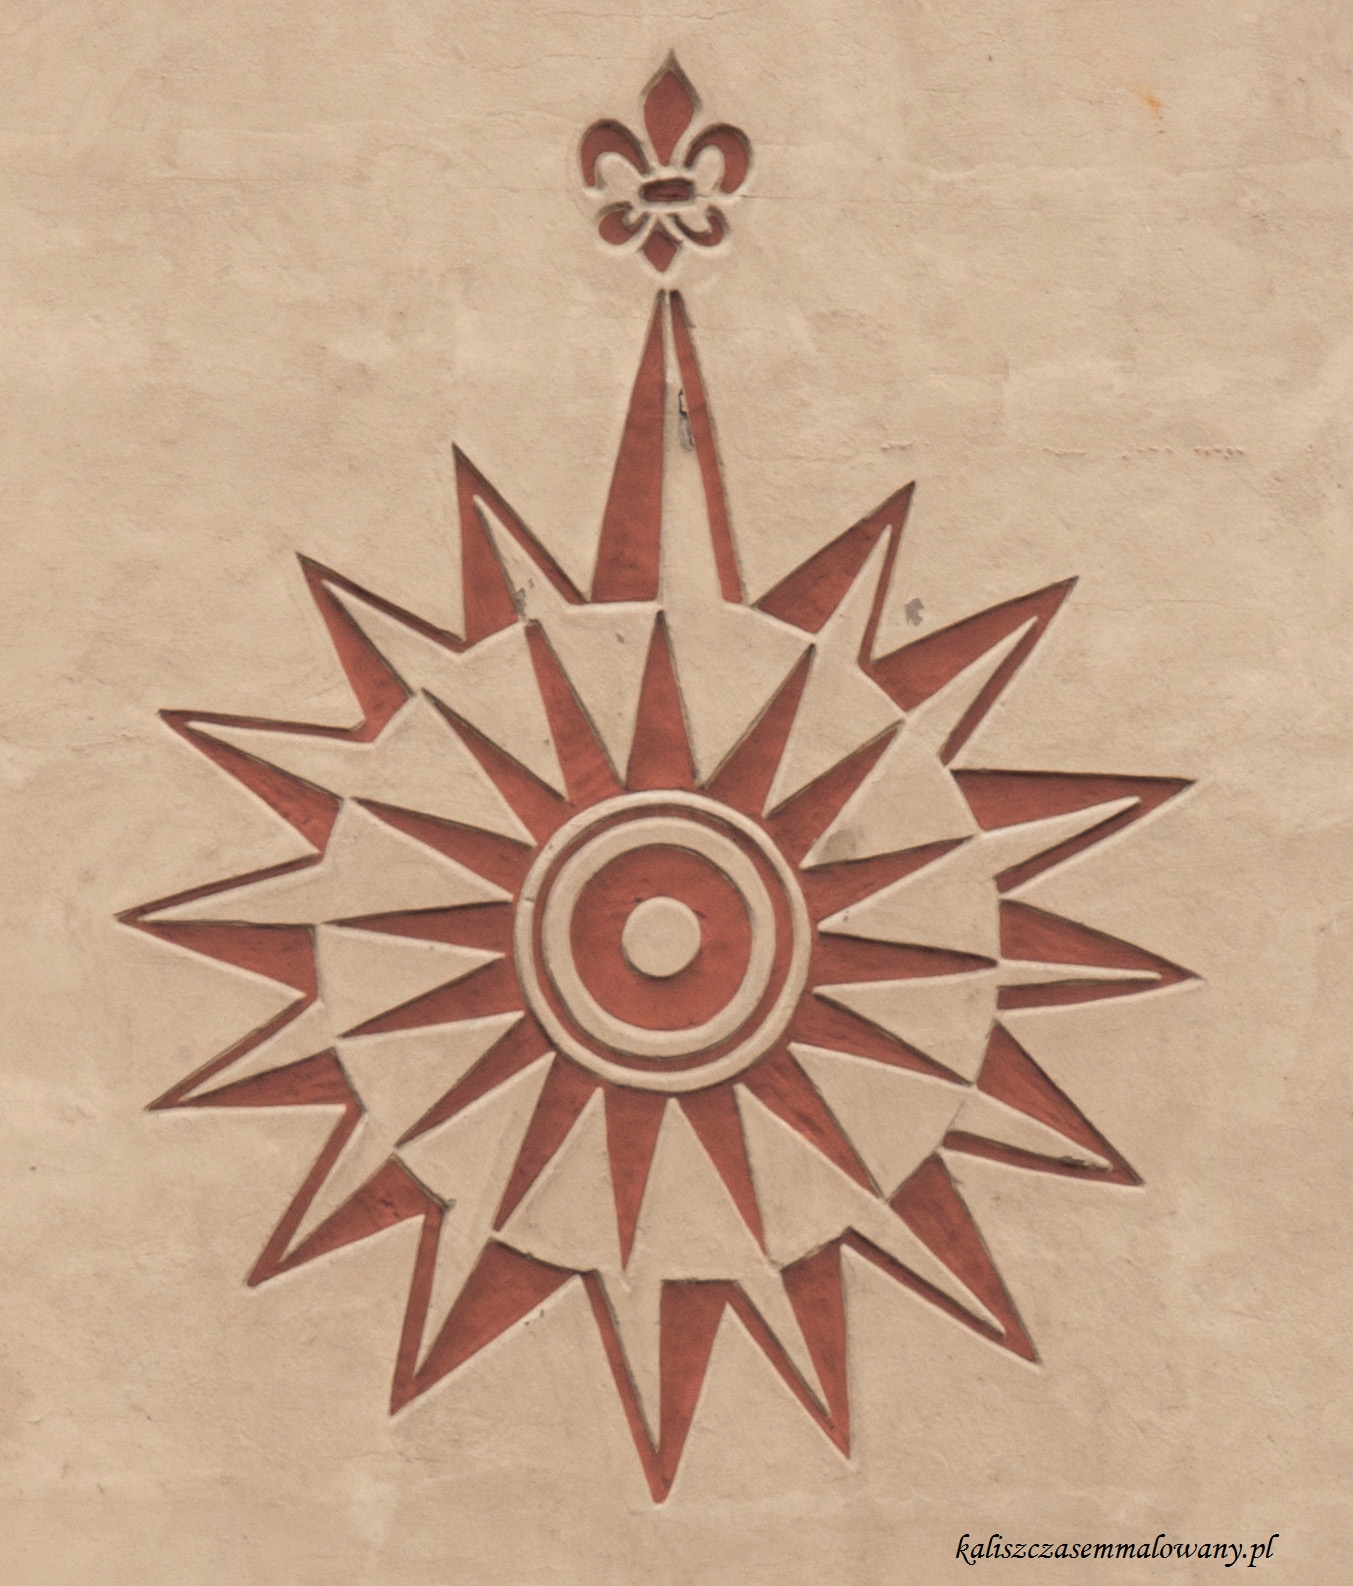 Kościelniak-6